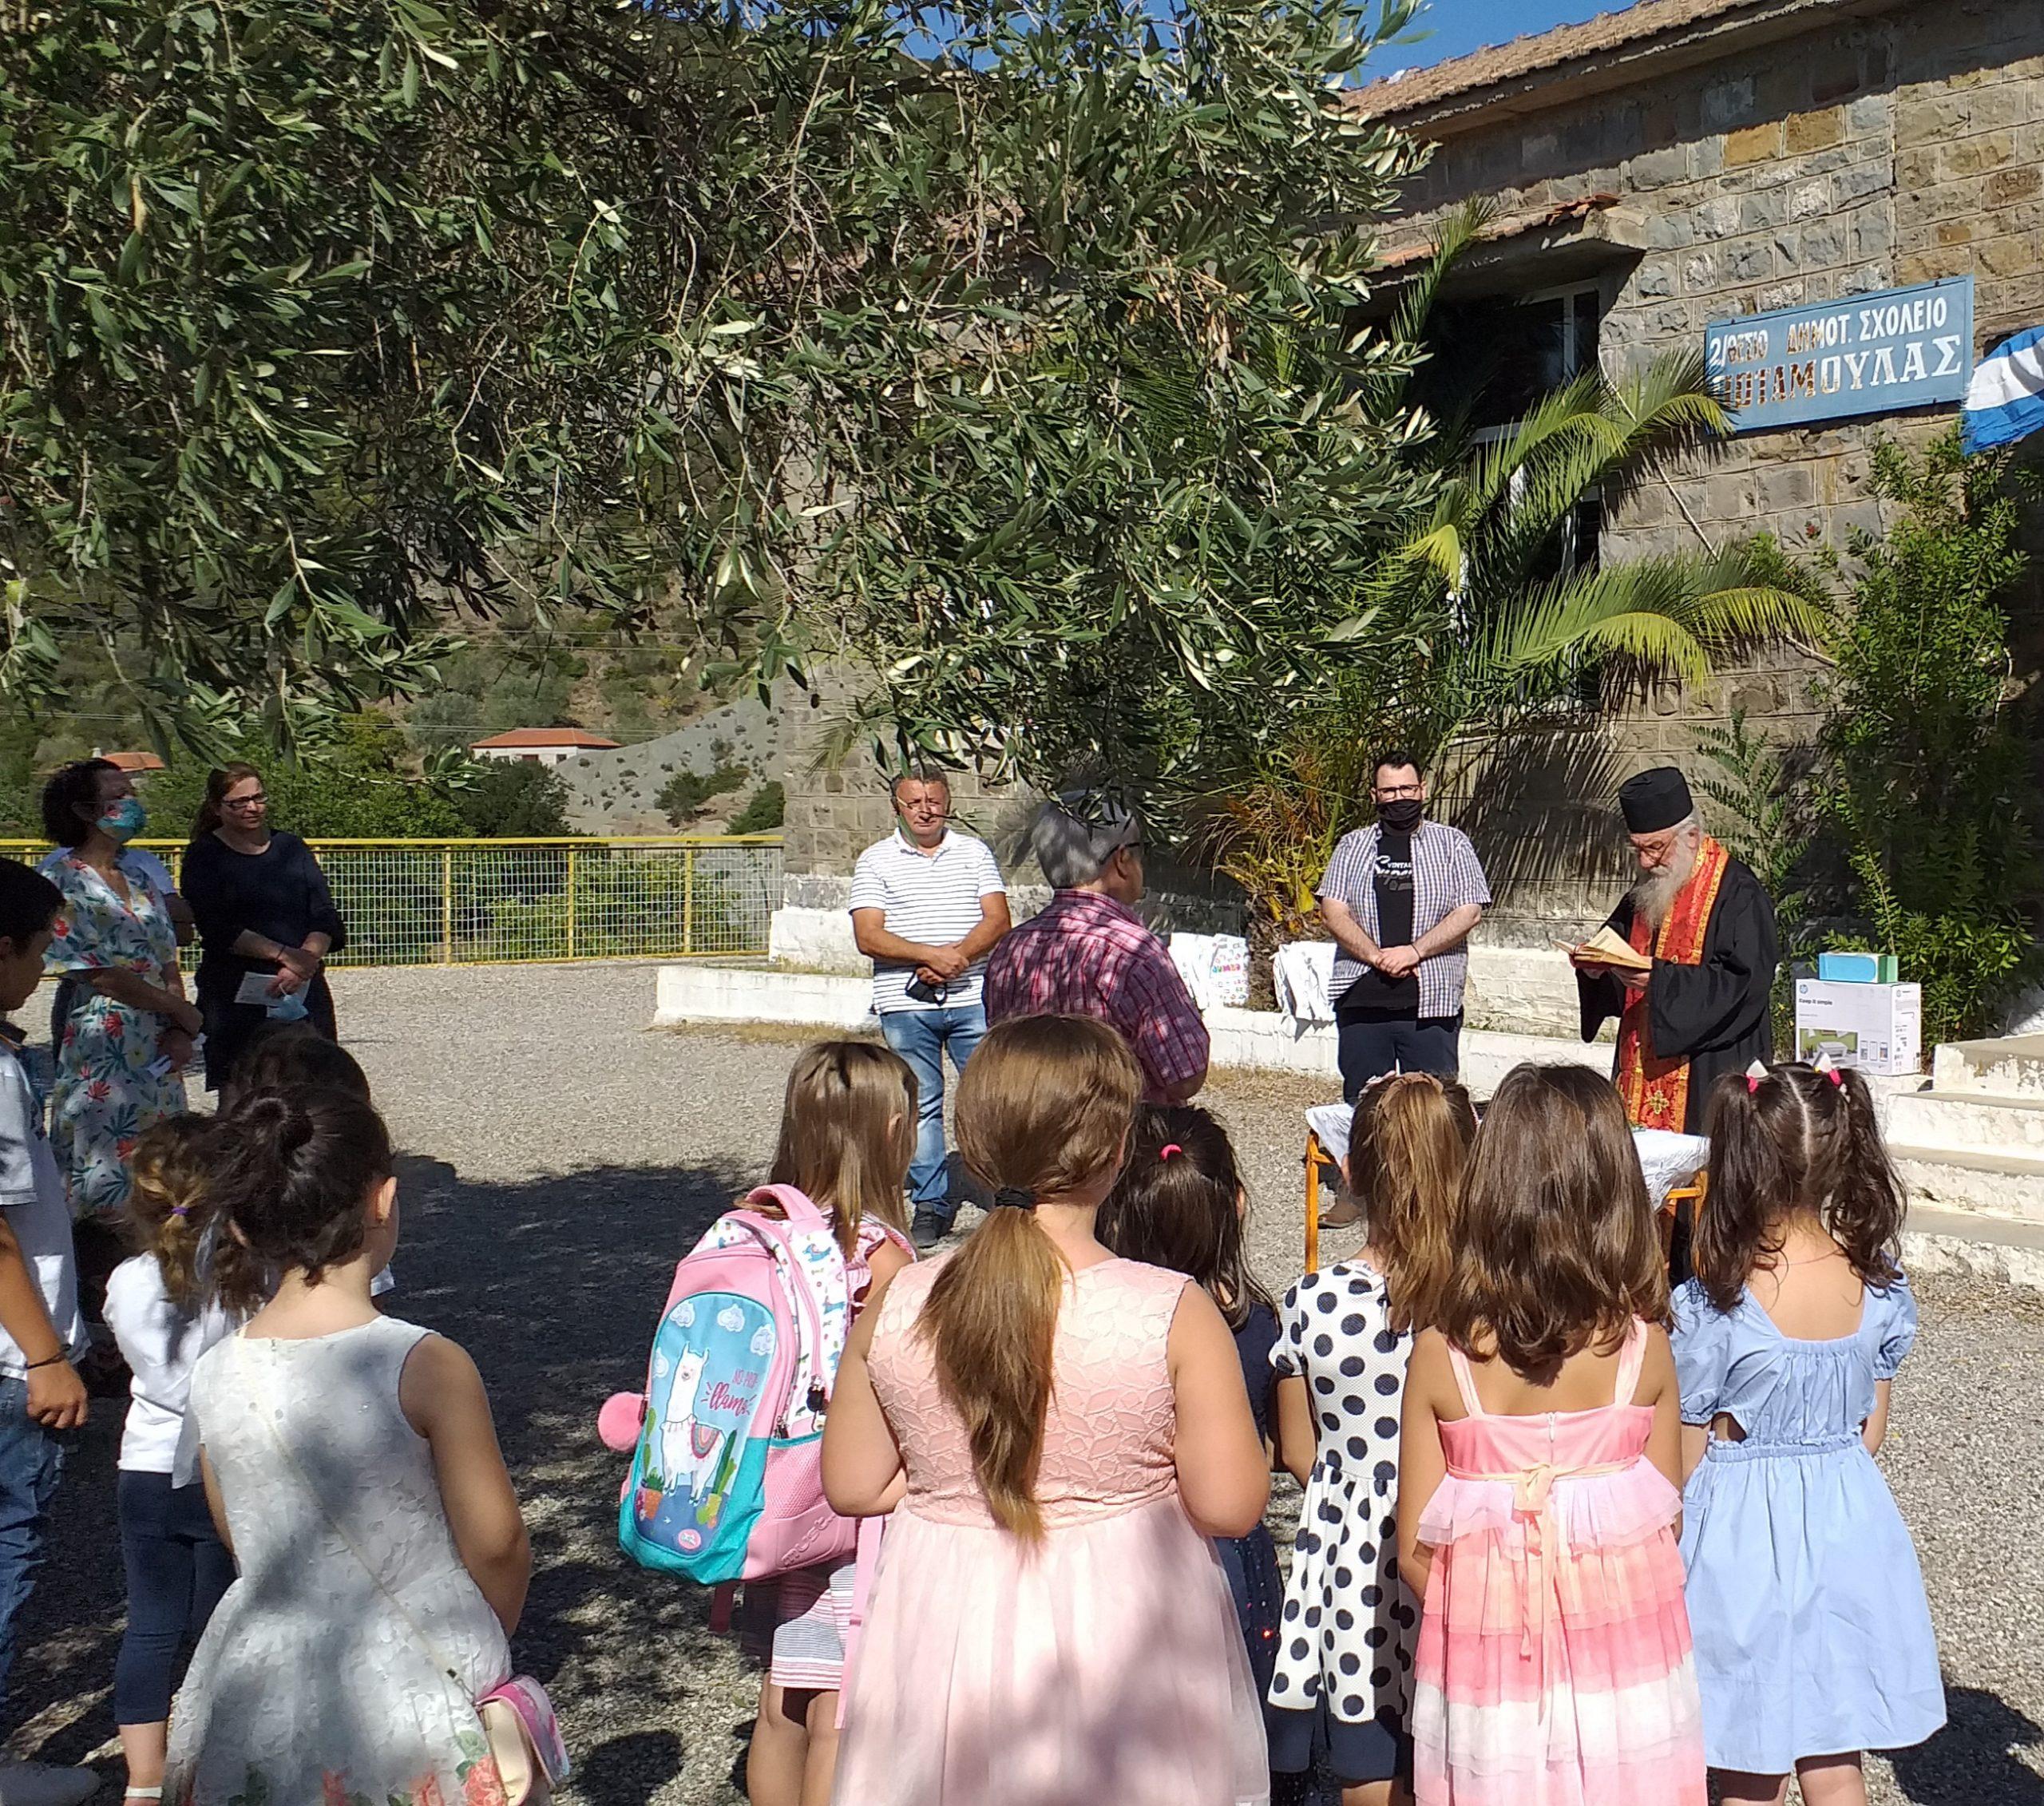 Αγιασμός στο Δημοτικό σχολείο και Νηπιαγωγείο στην Ποταμούλα Αγρινίου